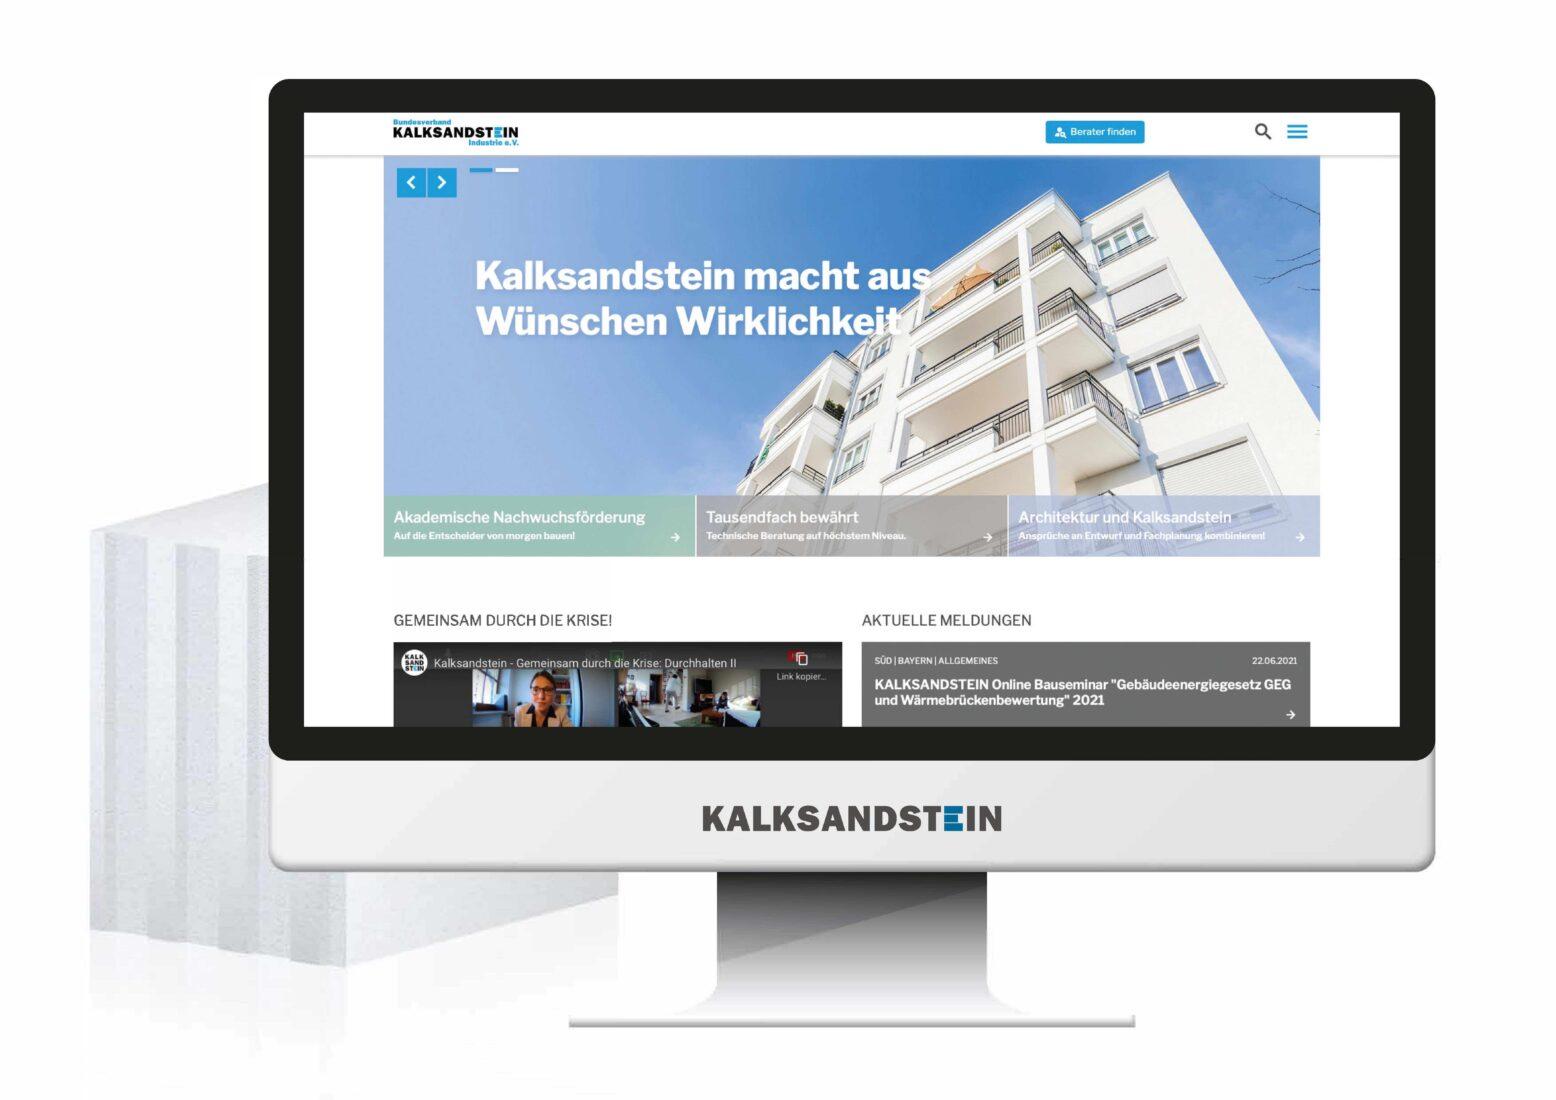 Die neue Website wirkt modern und benutzerfreundlich. Bild: Bundesverband Kalksandsteinindustrie e.V.